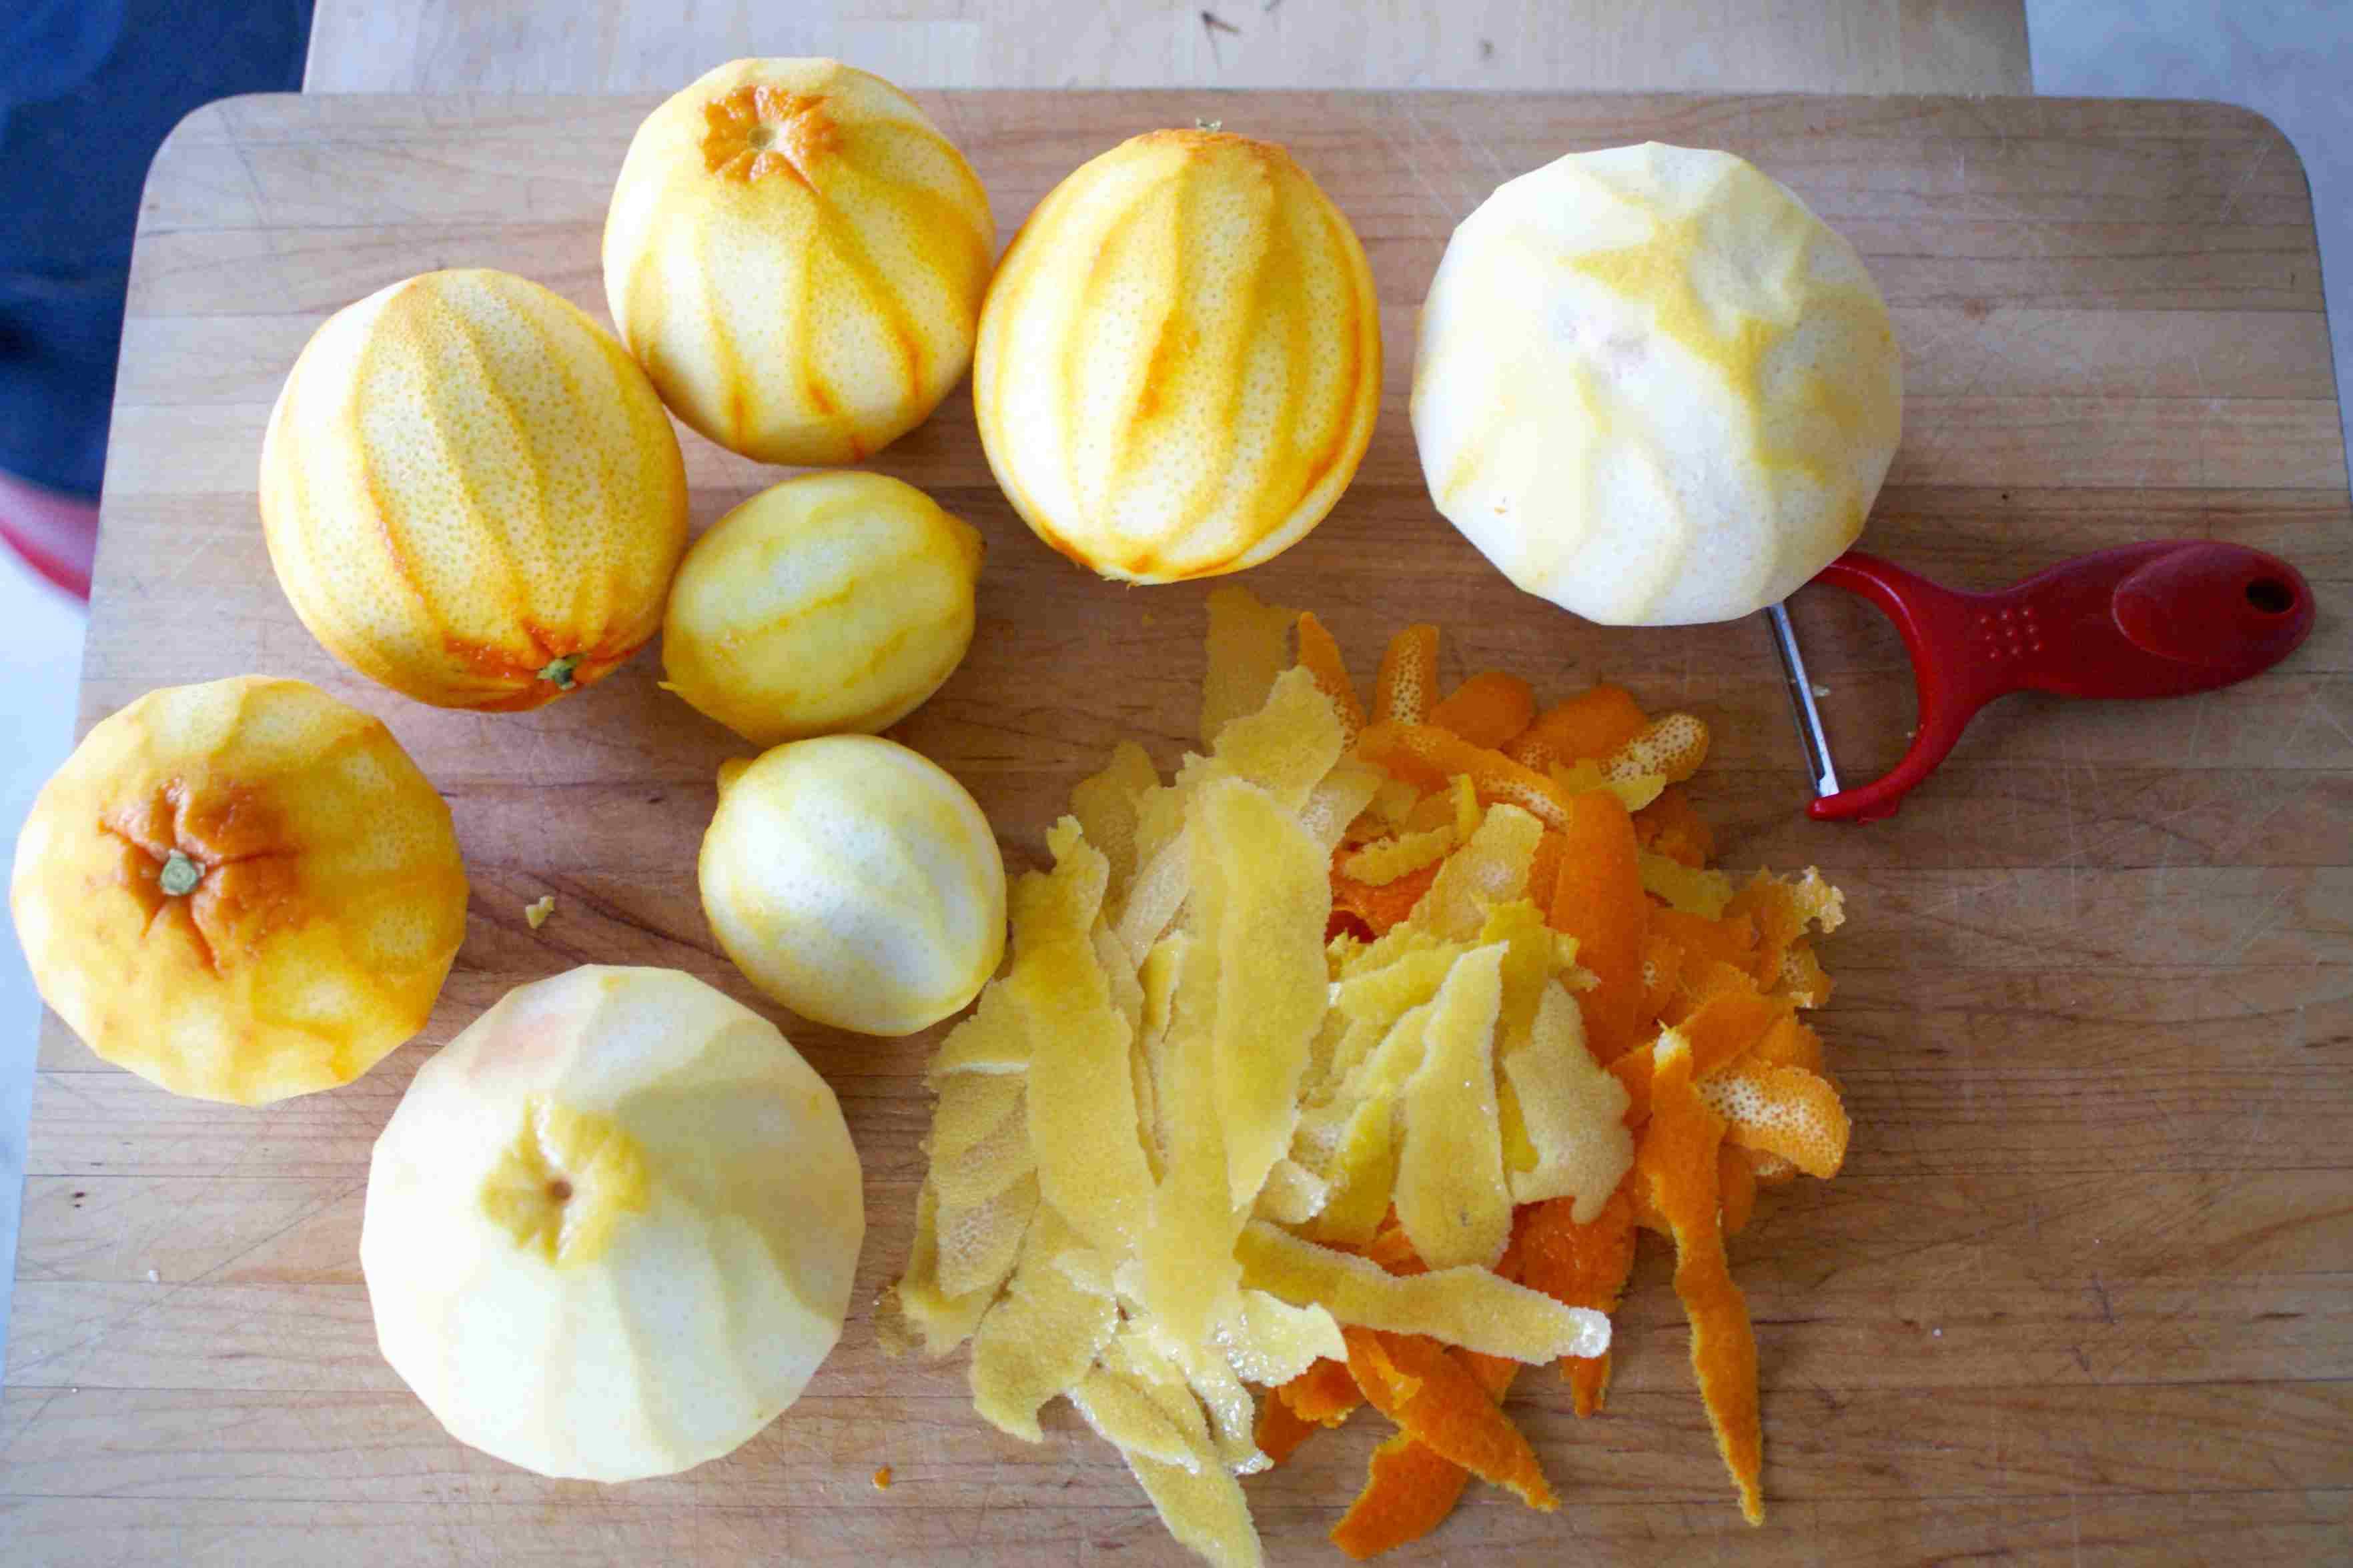 Zested citrus